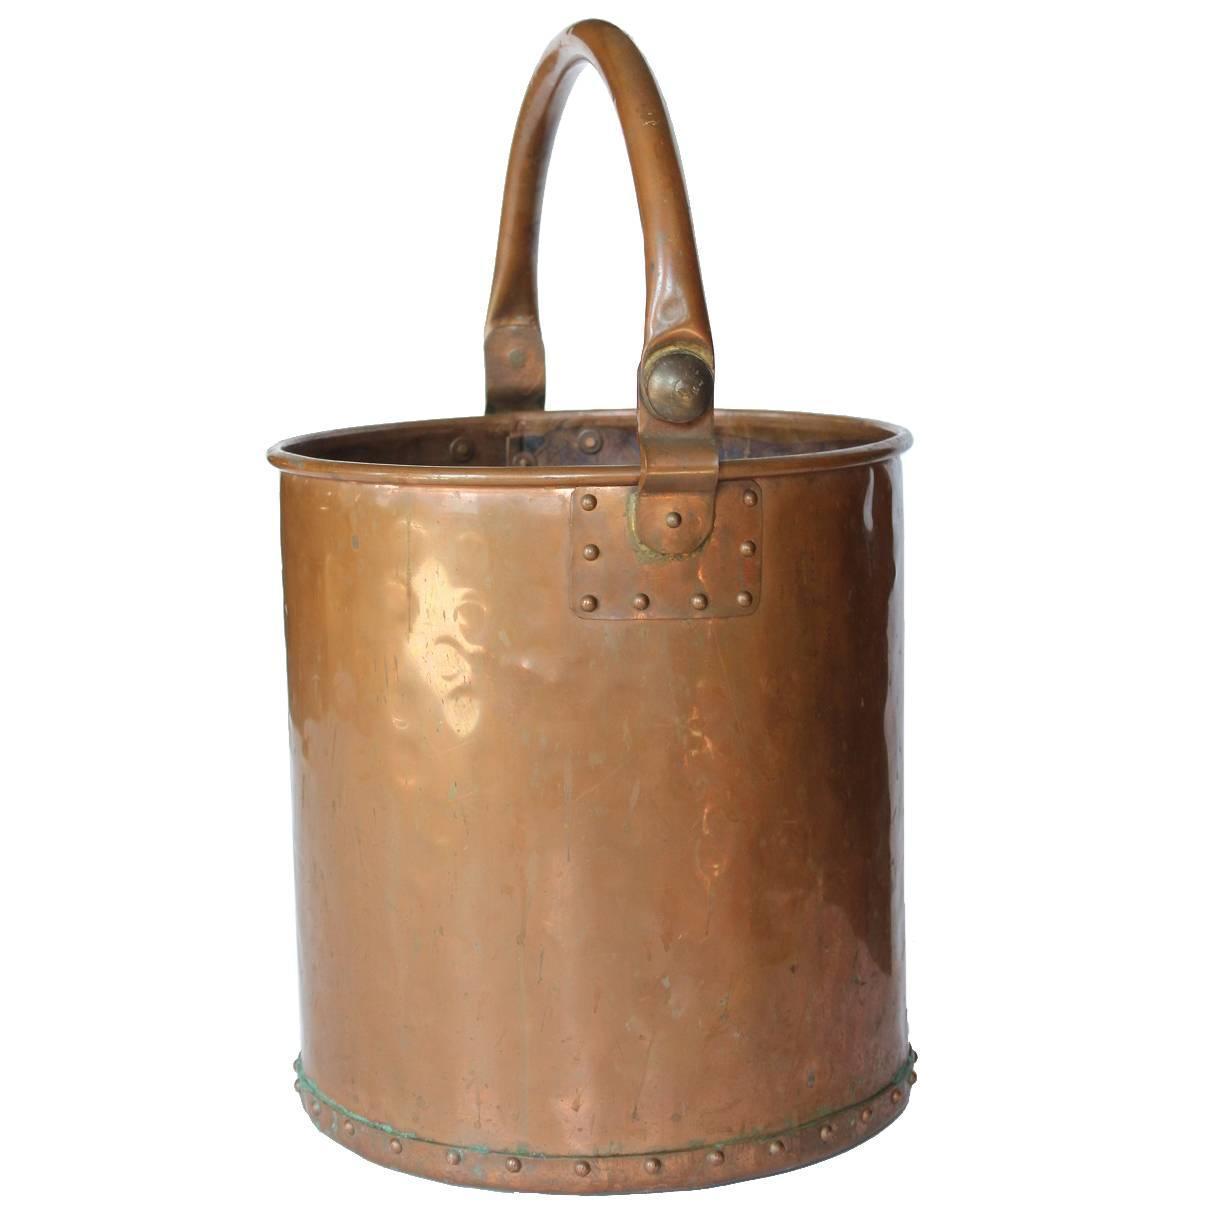 Antique hand hammered copper waste basket bucket at 1stdibs - Copper wastebasket ...